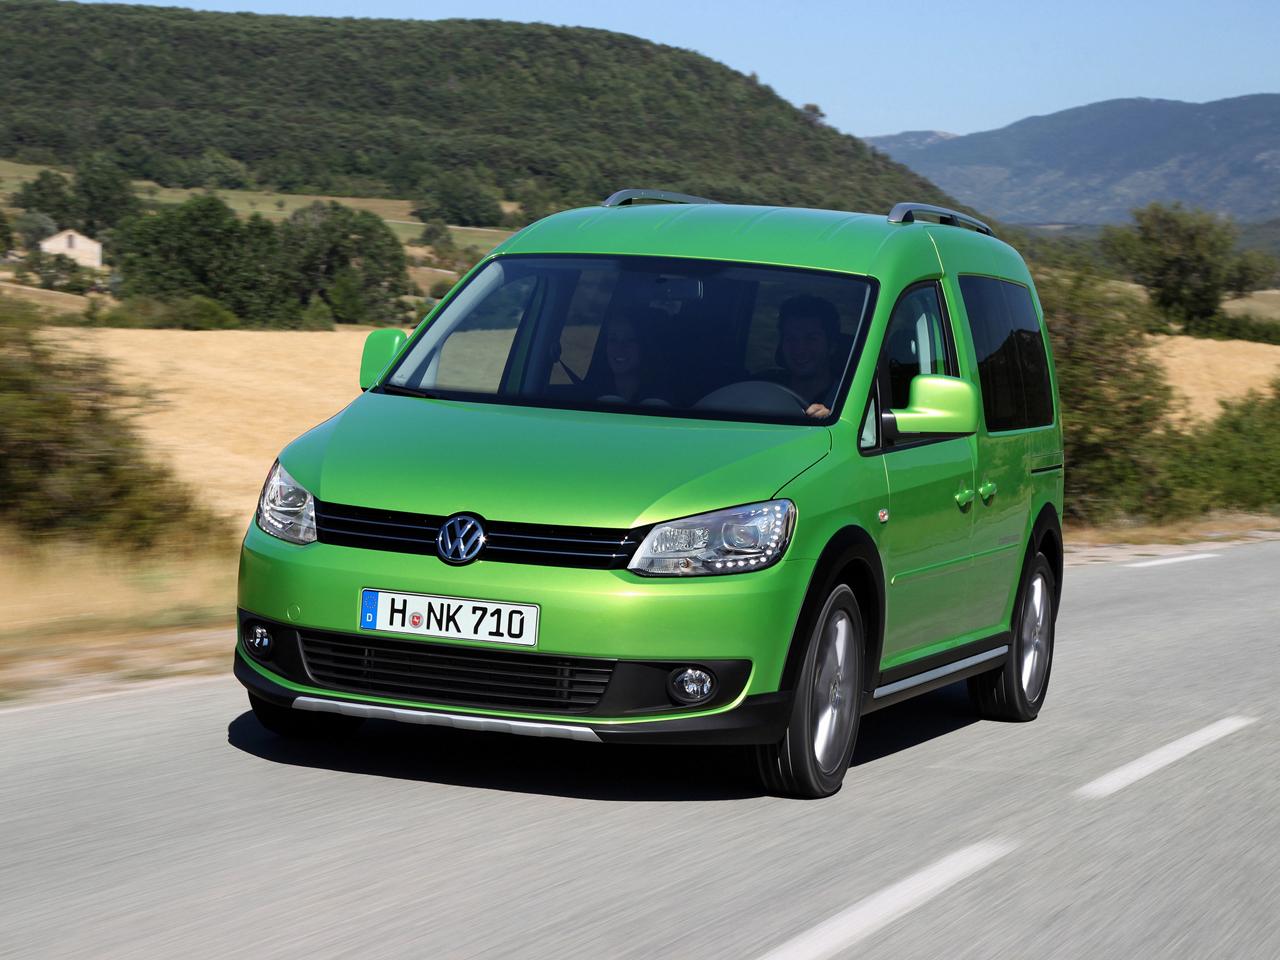 volkswagen cross caddy 2013 es un carro aventurero con. Black Bedroom Furniture Sets. Home Design Ideas